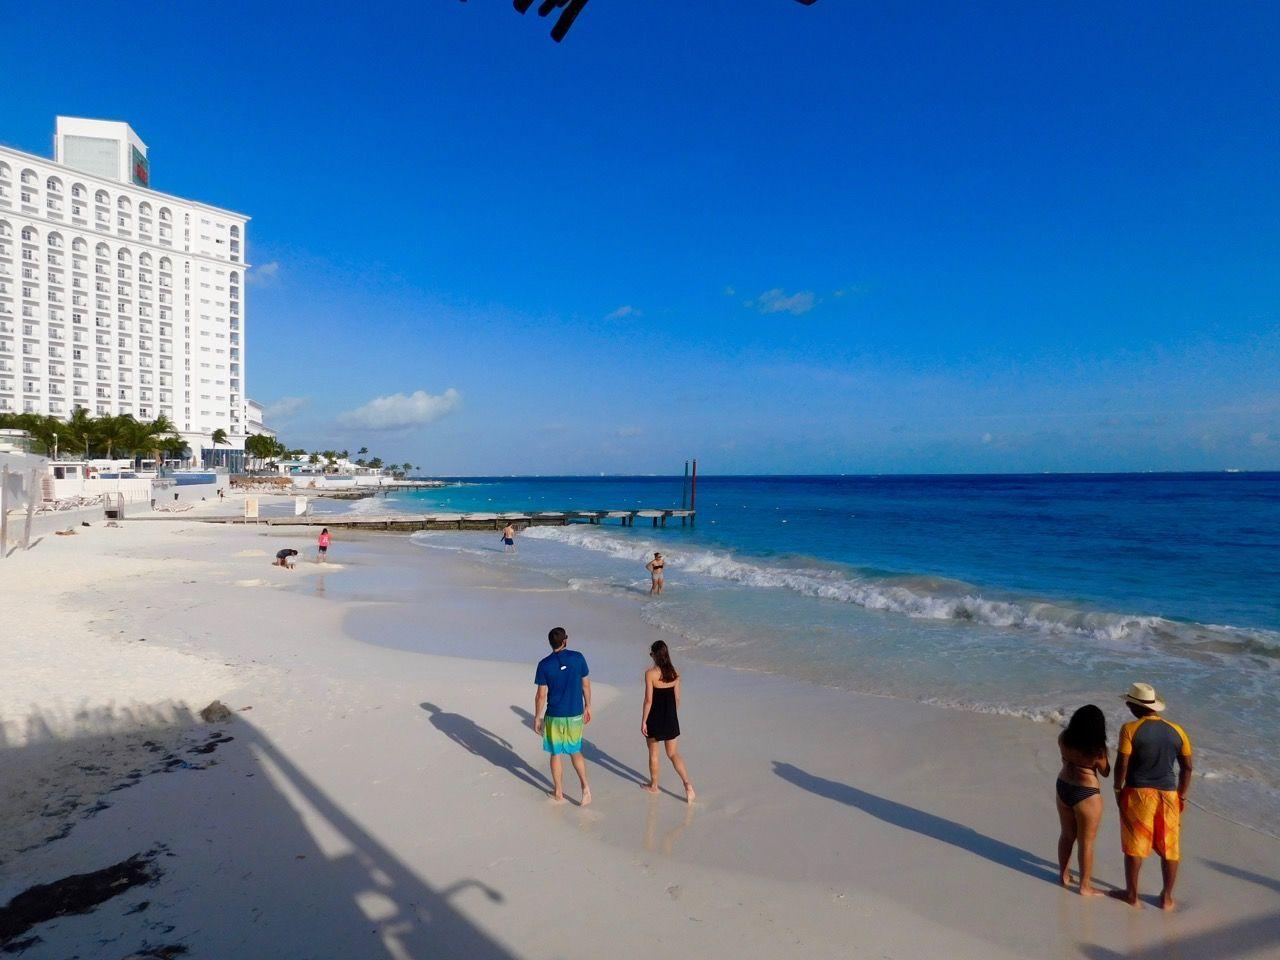 Plage à Cancun Mexique